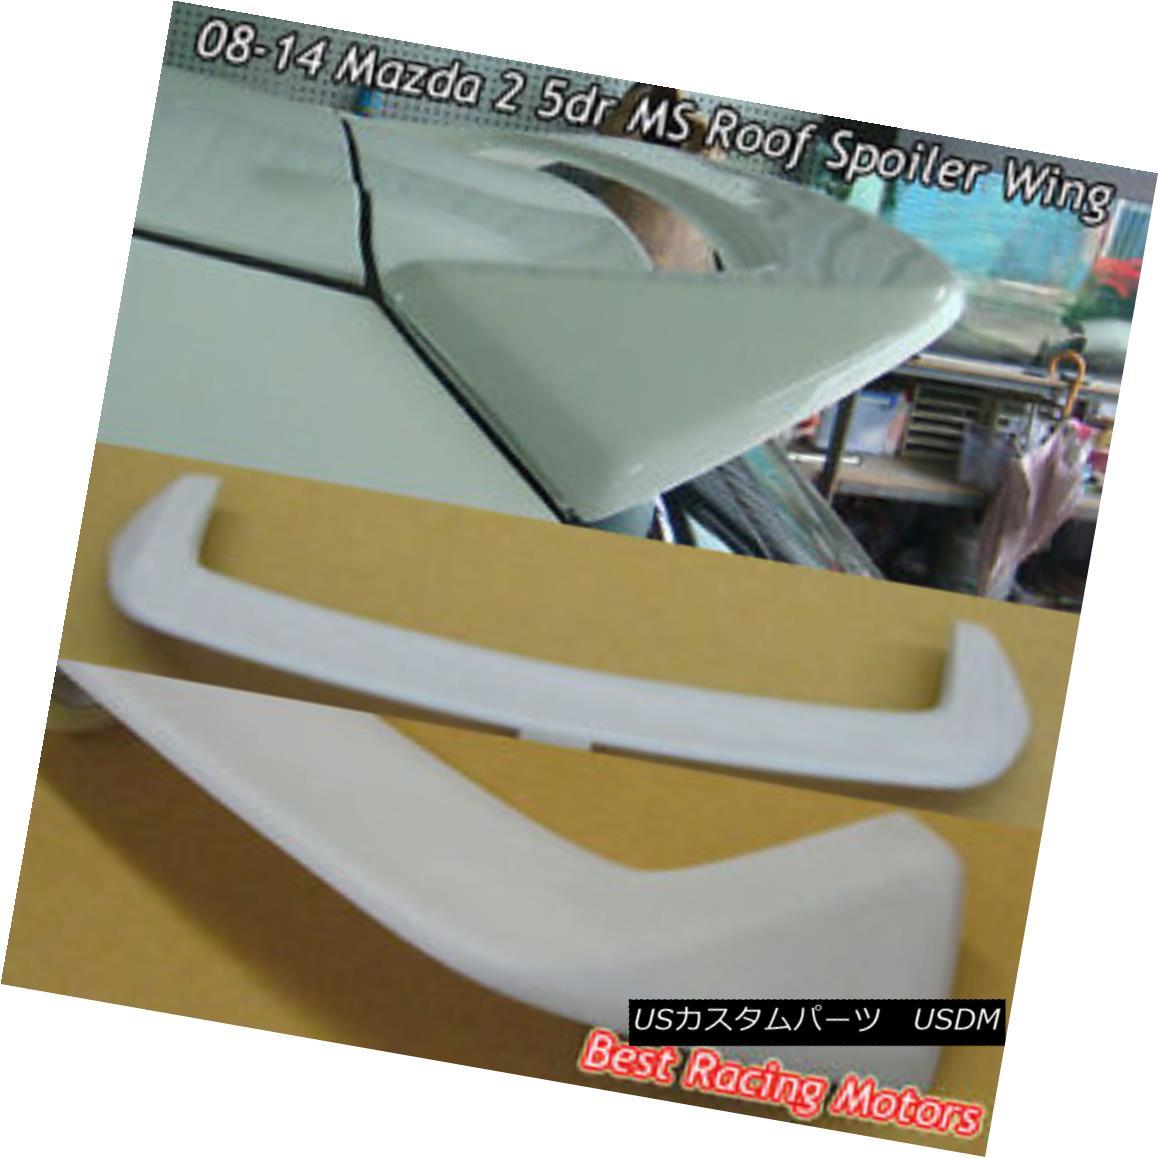 エアロパーツ MS Style Rear Roof Spoiler Wing (FRP) Fits 08-14 Mazda 2 5dr MSスタイルリアルーフスポイラーウイング(FRP)適合車08-14マツダ2 5dr